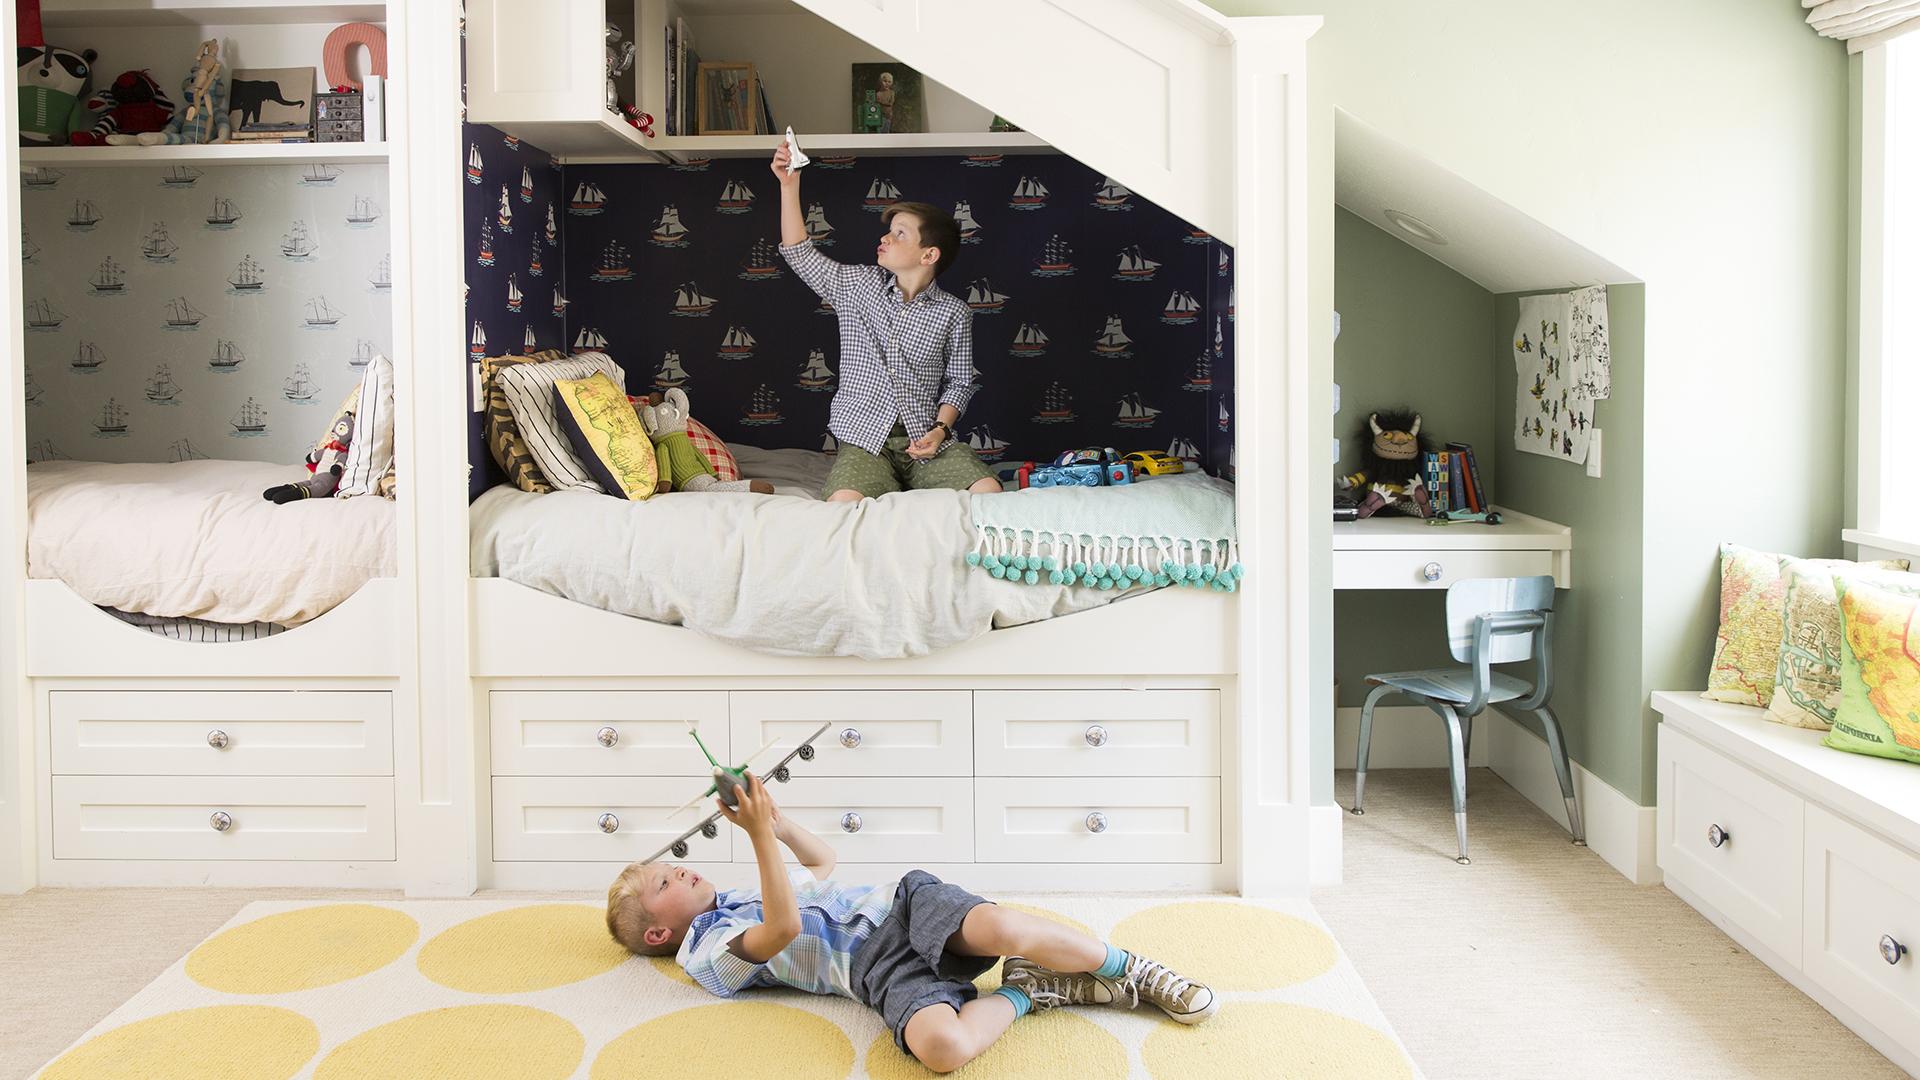 Fullsize Of Pinterest Home Decor